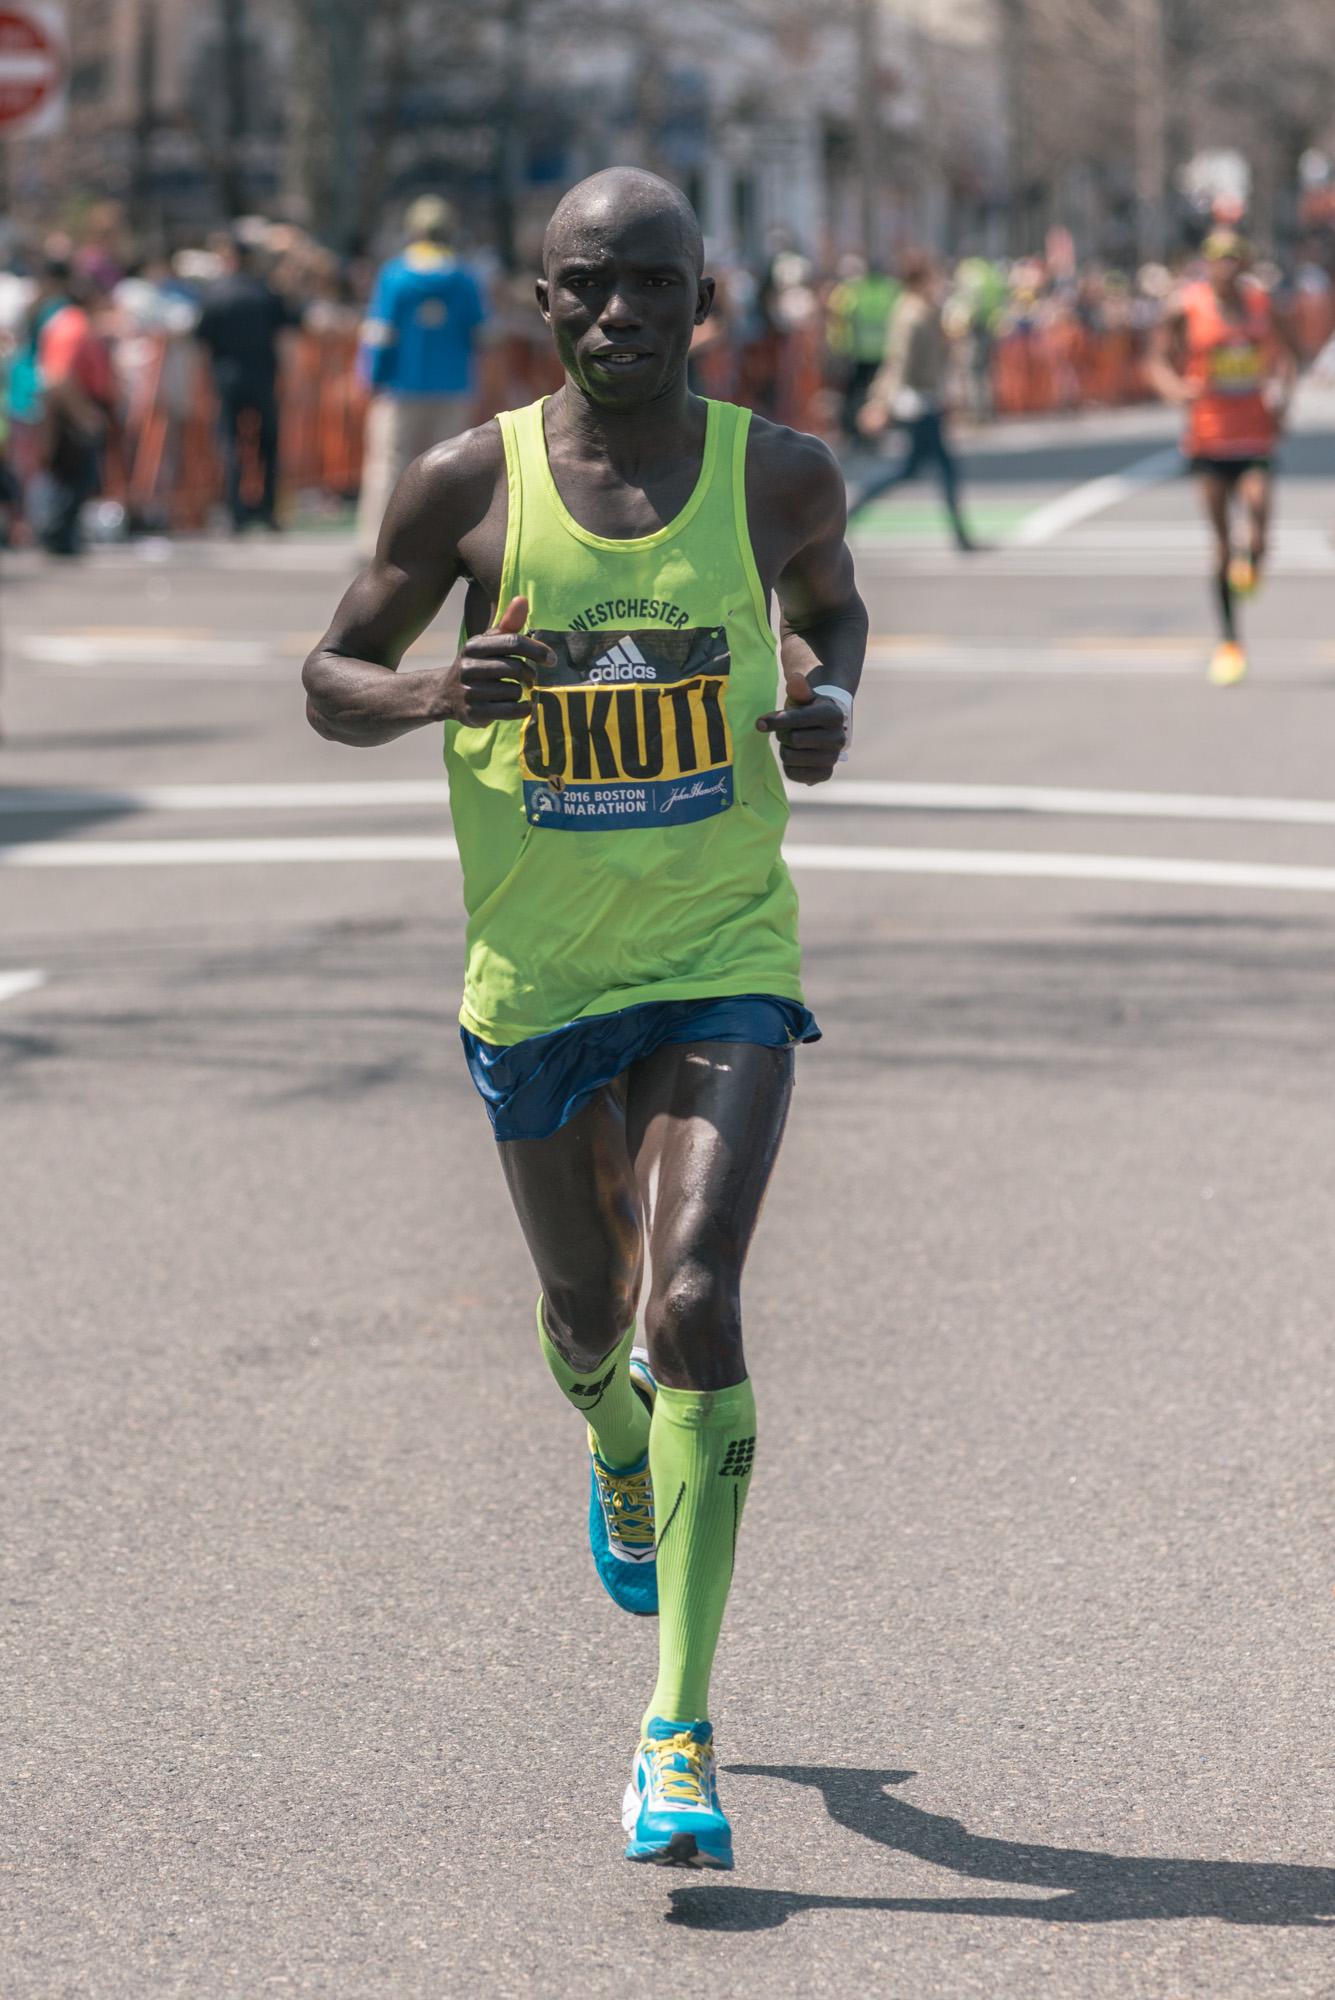 Harbert Okuti - 15th place